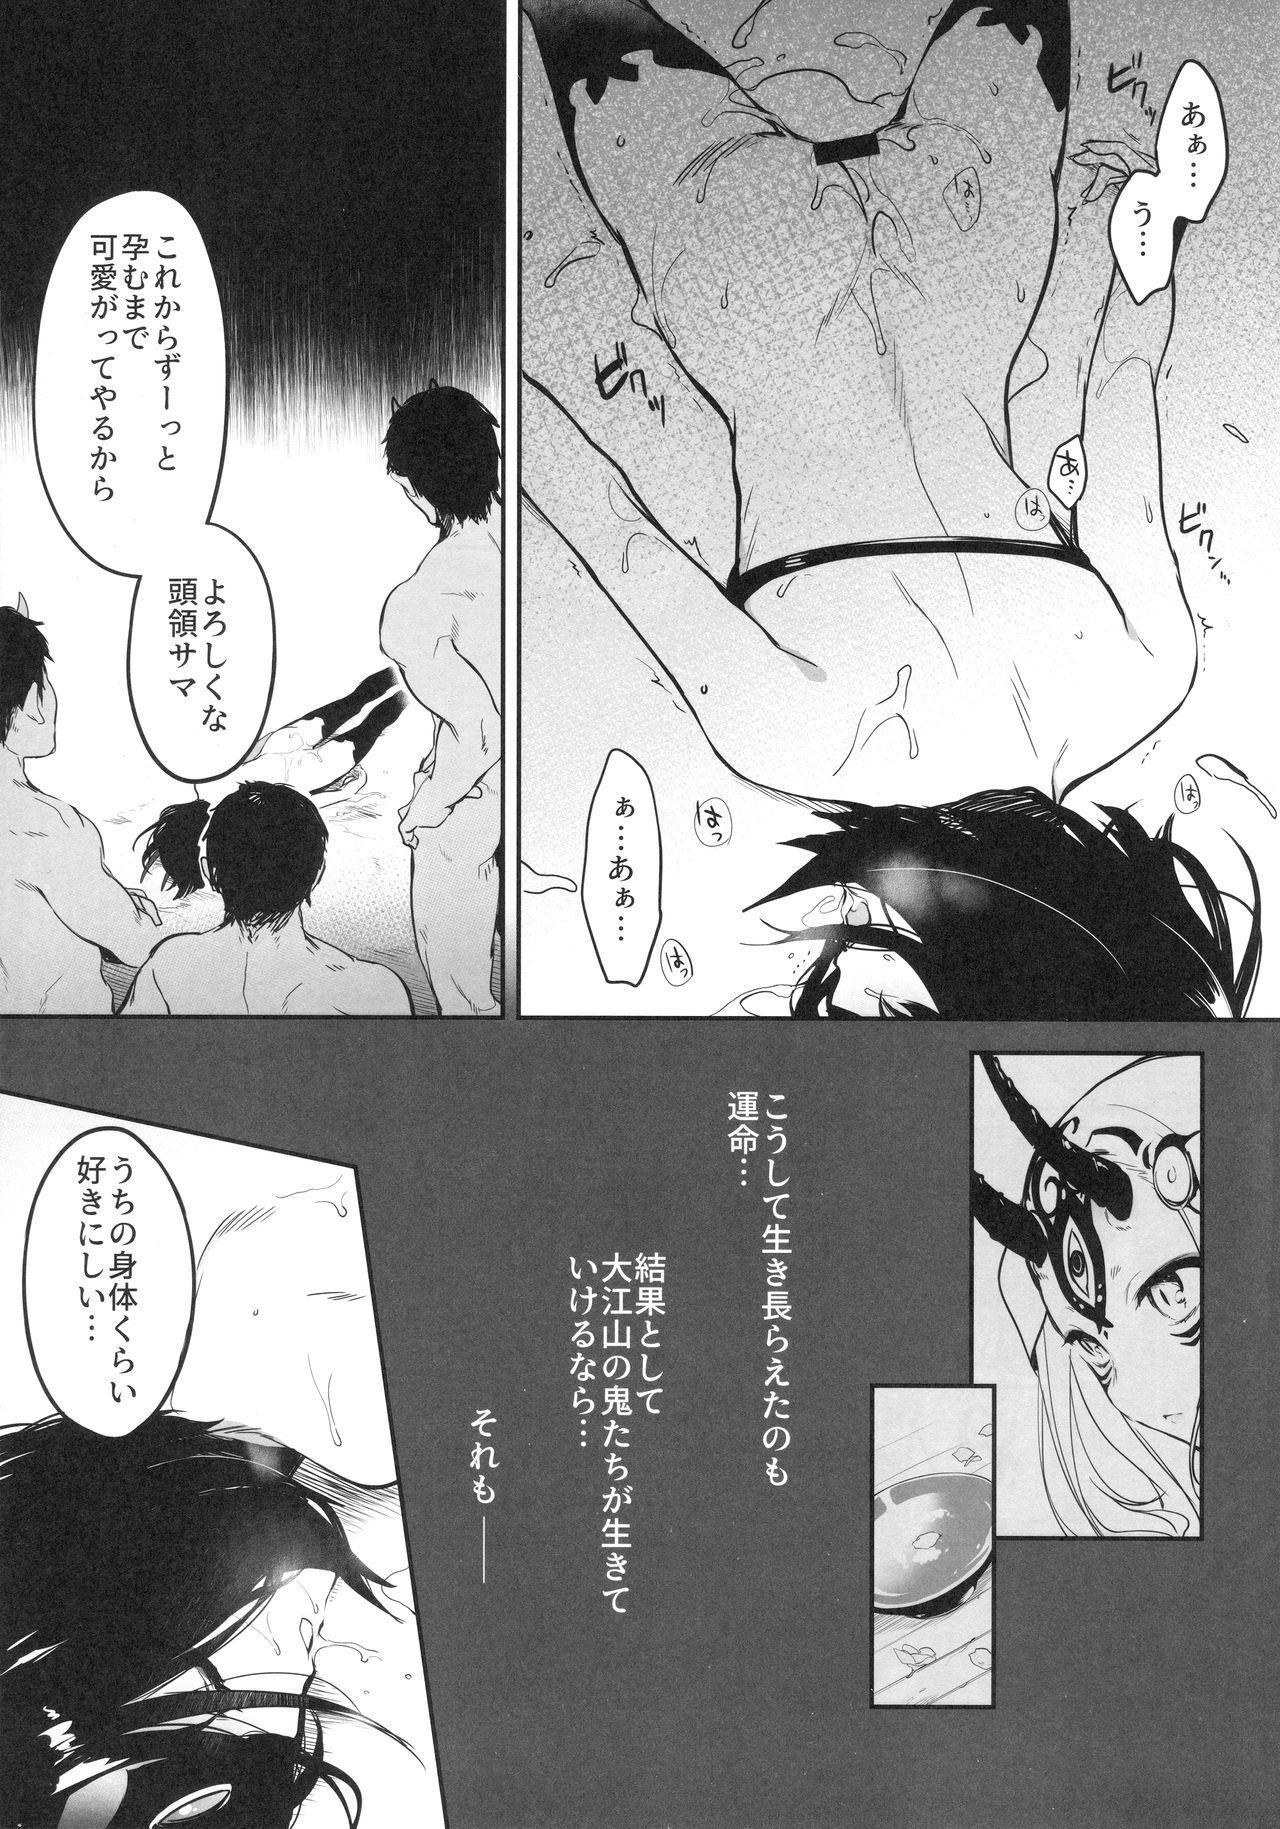 Kidoku no Shuki 17